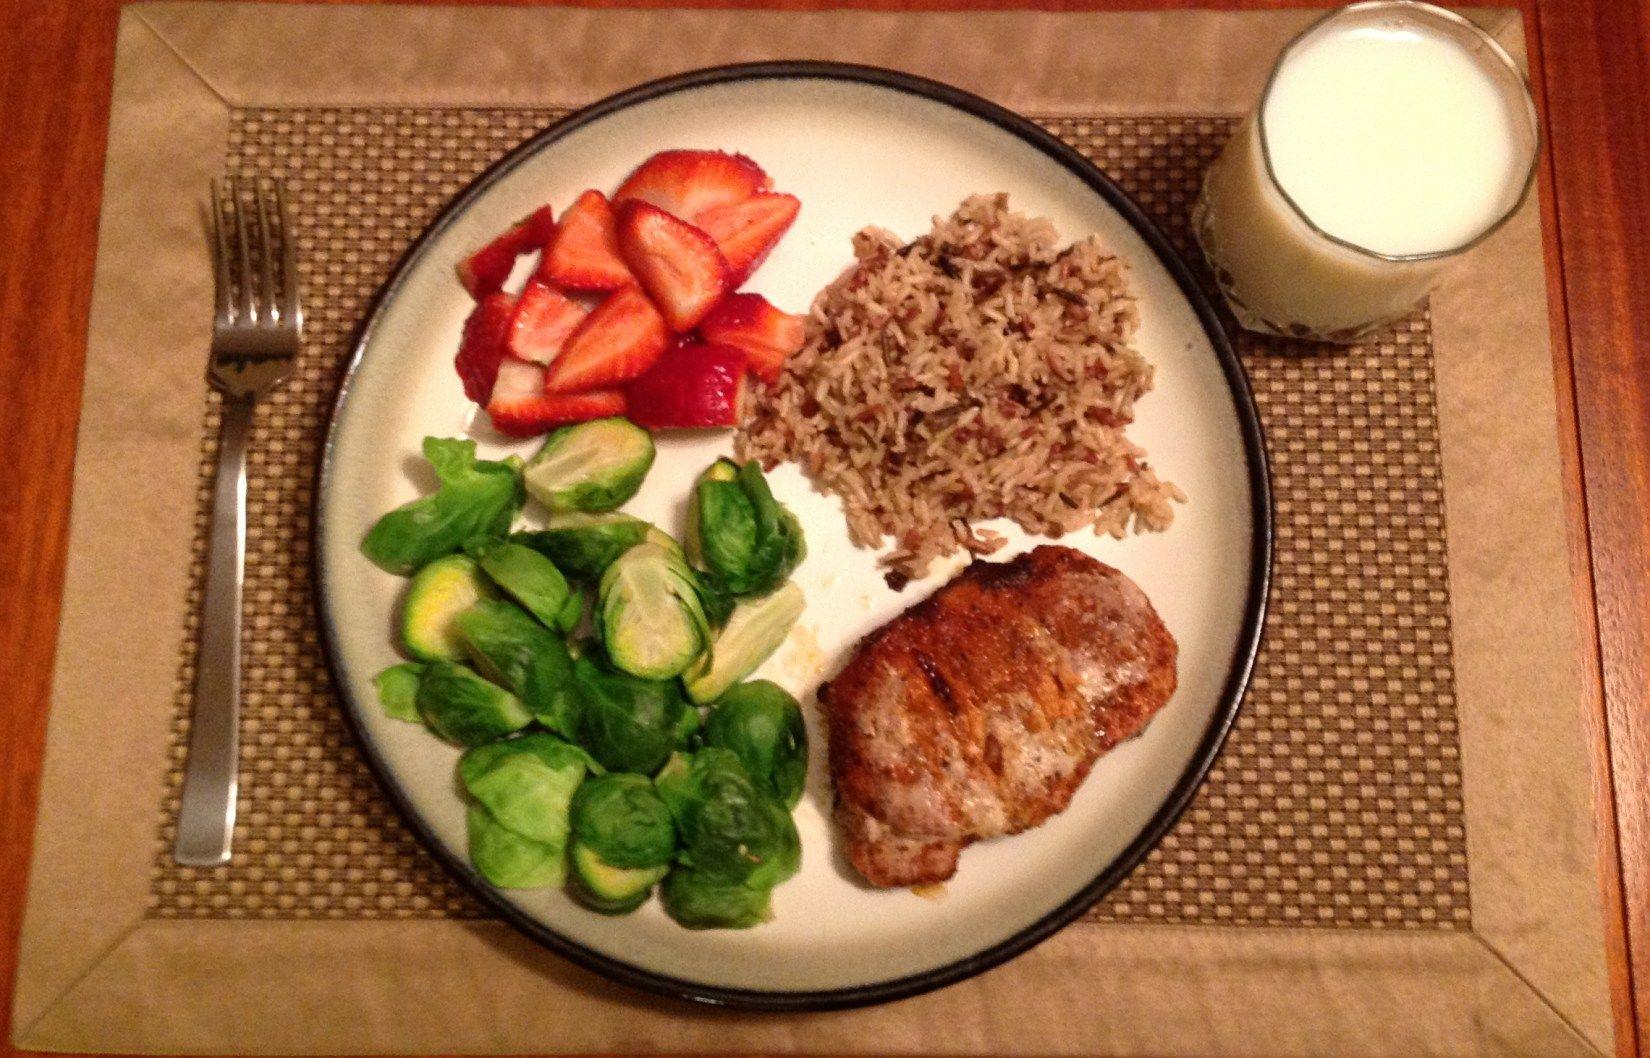 5 mẹo quản lý bữa ăn hiệu quả giúp bạn giảm cân trong 5 ngày